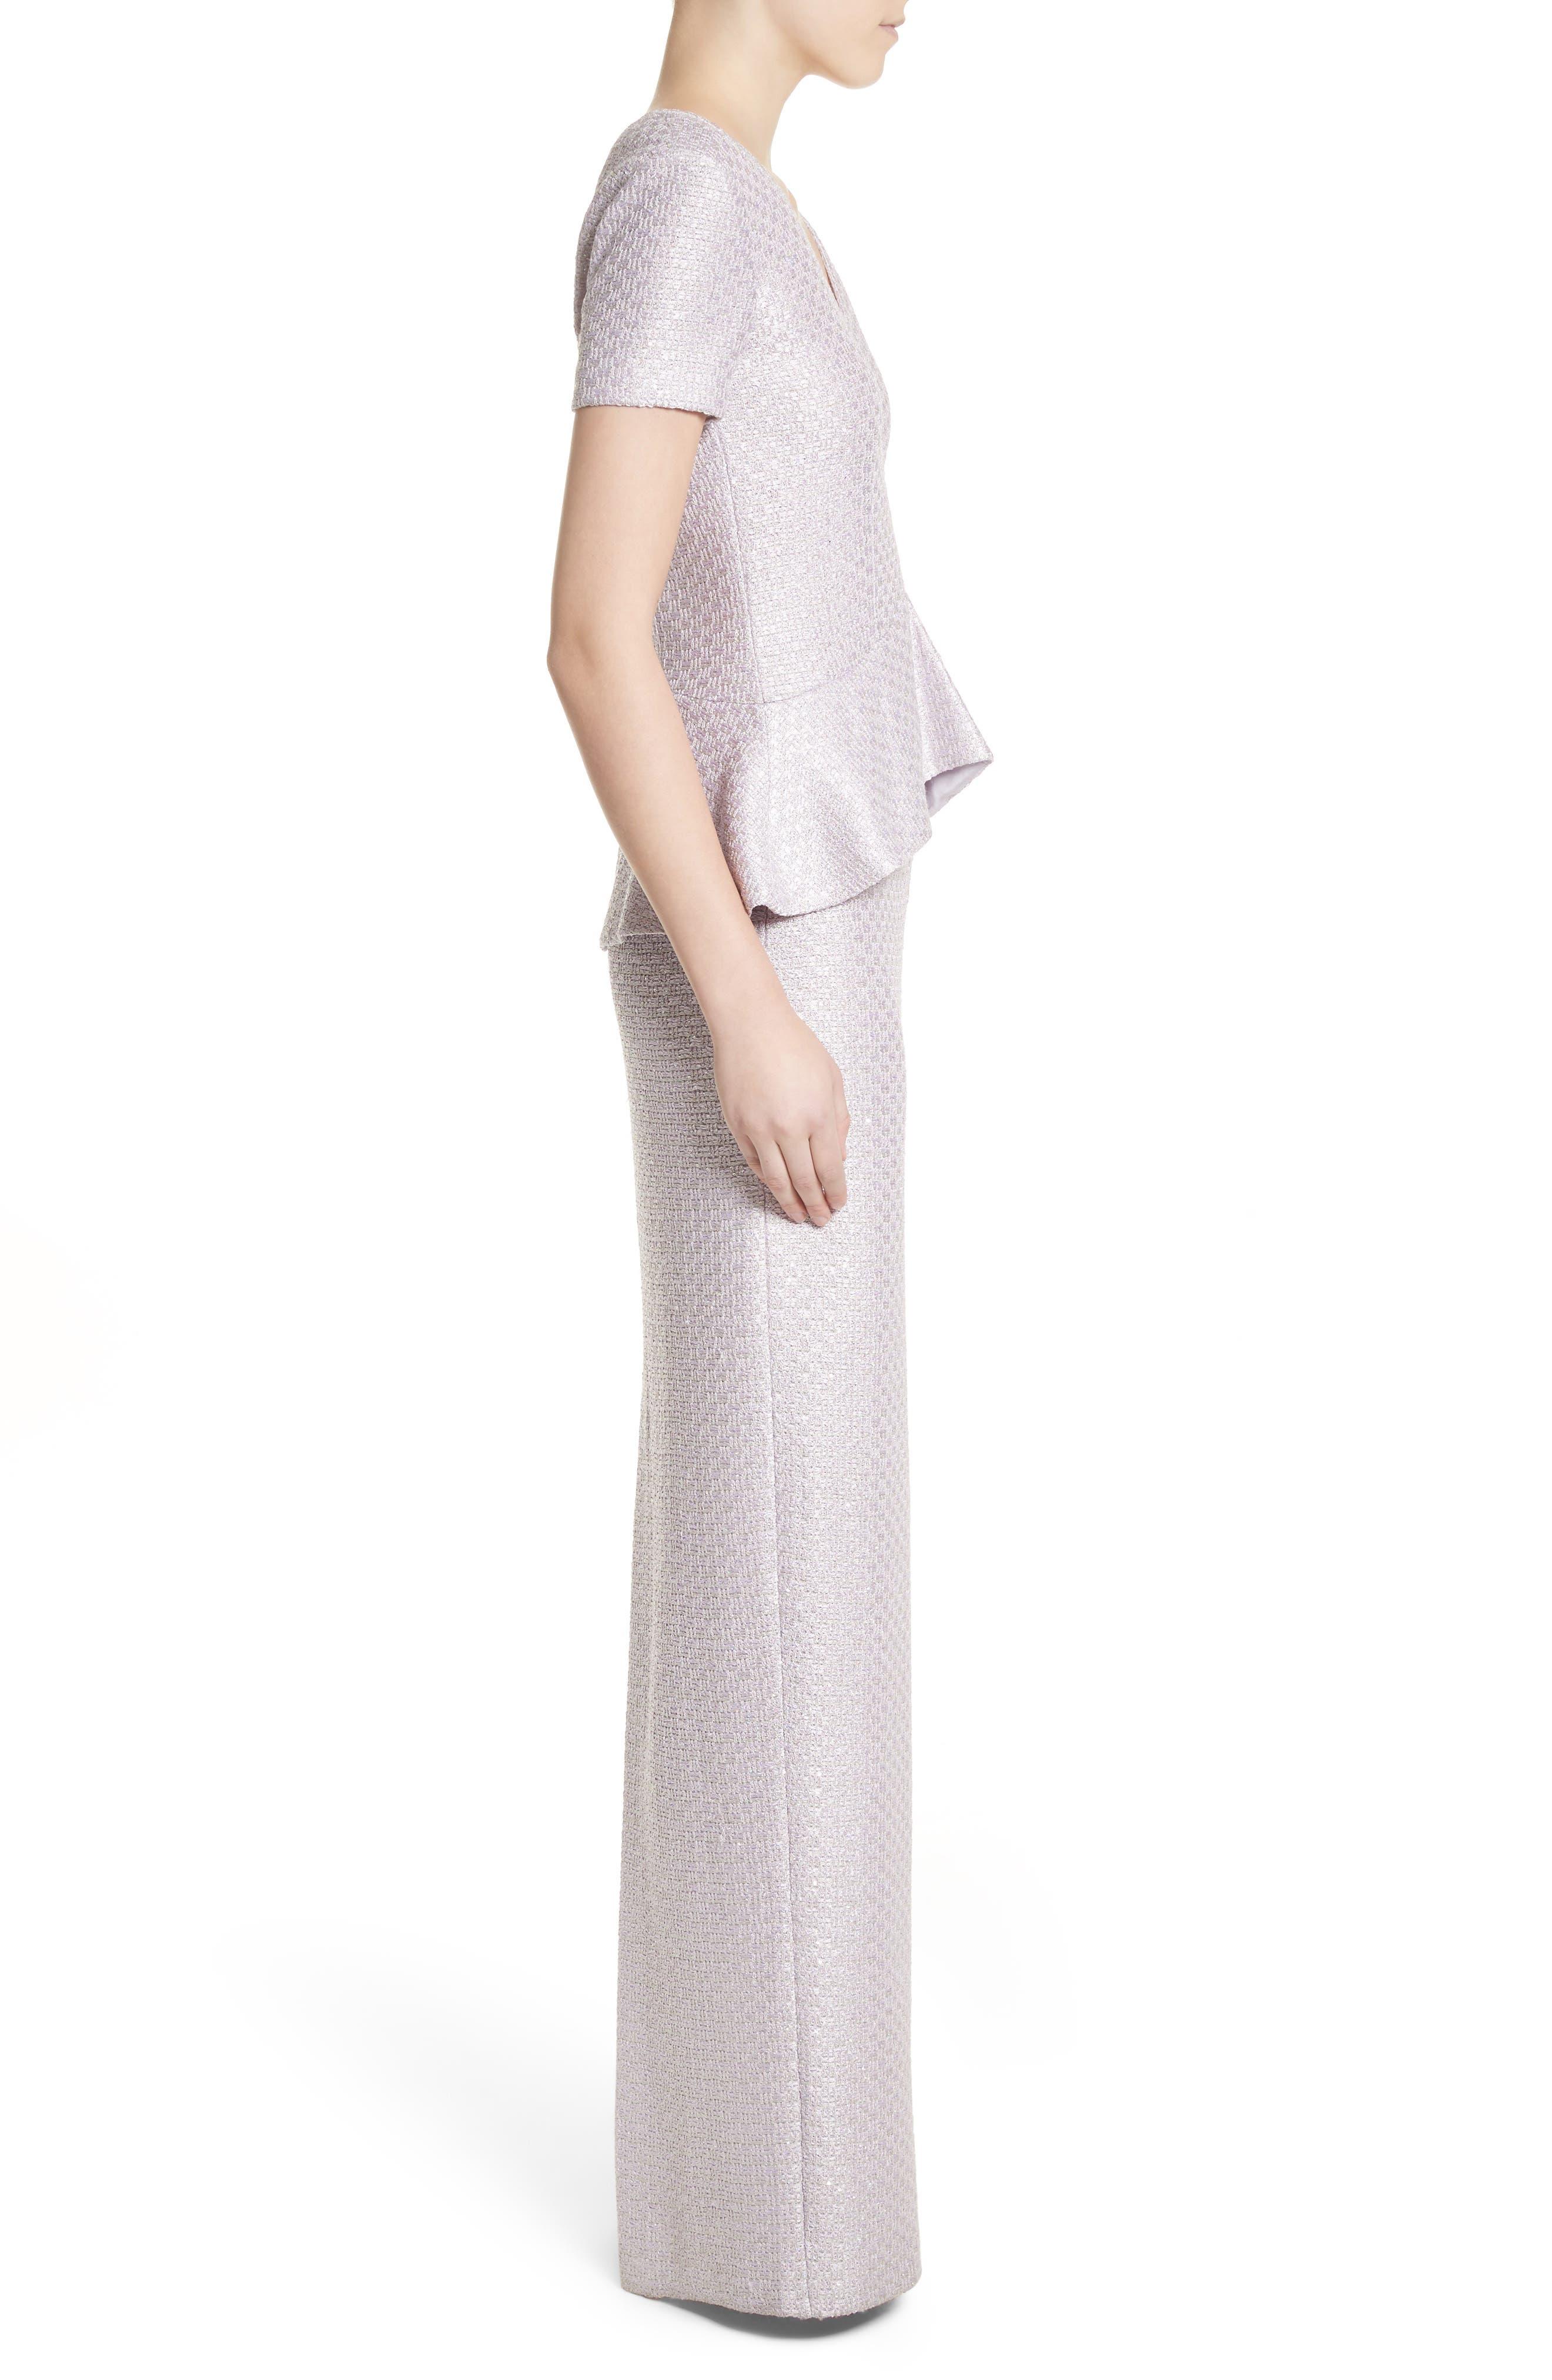 Hansh Sequin Knit Column Gown,                             Alternate thumbnail 3, color,                             530